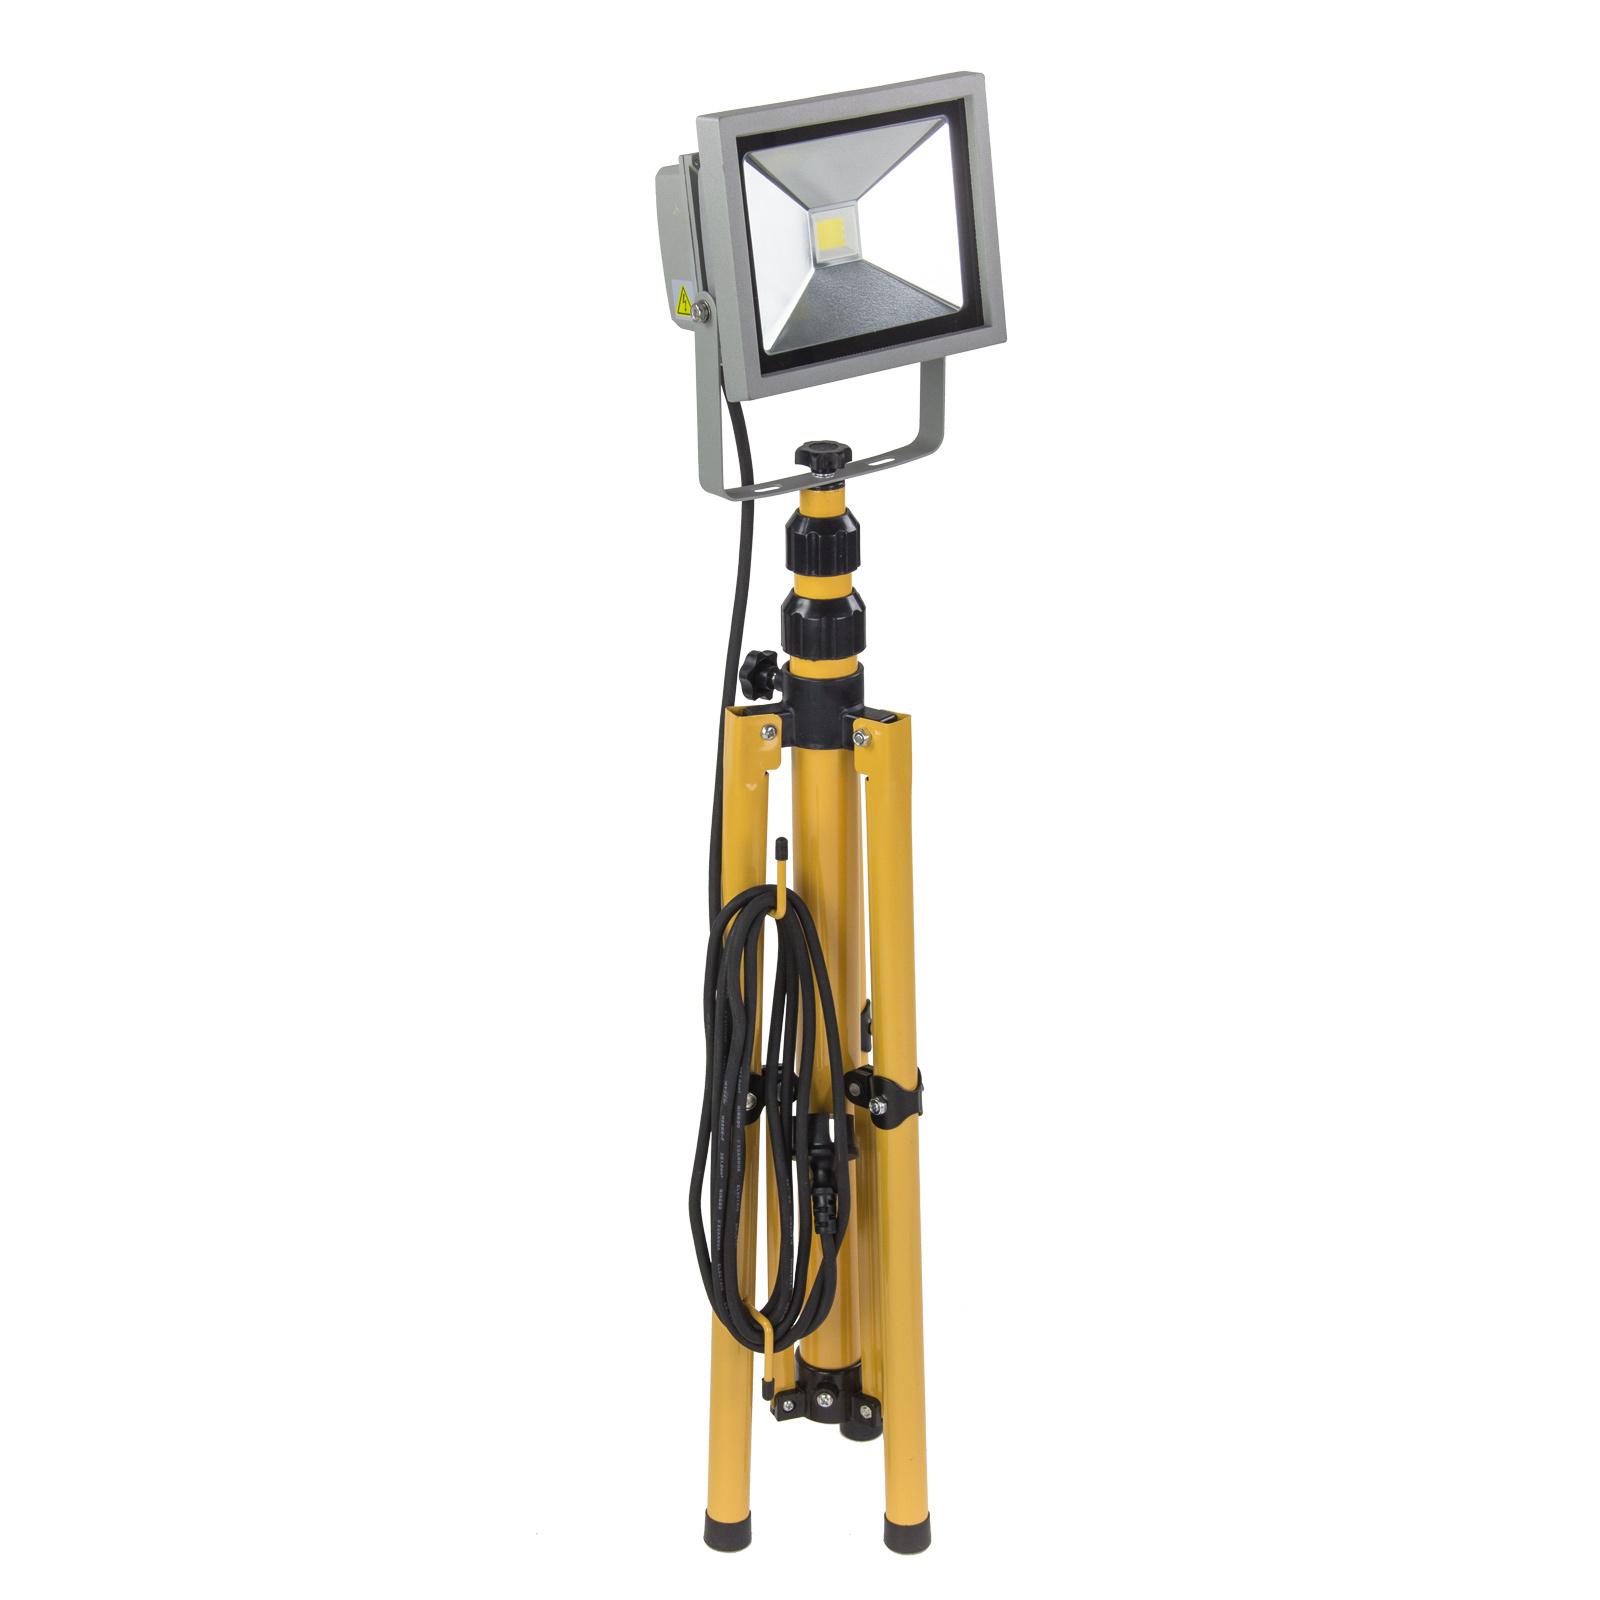 led strahler baustrahler flutlicht arbeitsleuchte arbeitslampe 20 w mit stativ ebay. Black Bedroom Furniture Sets. Home Design Ideas